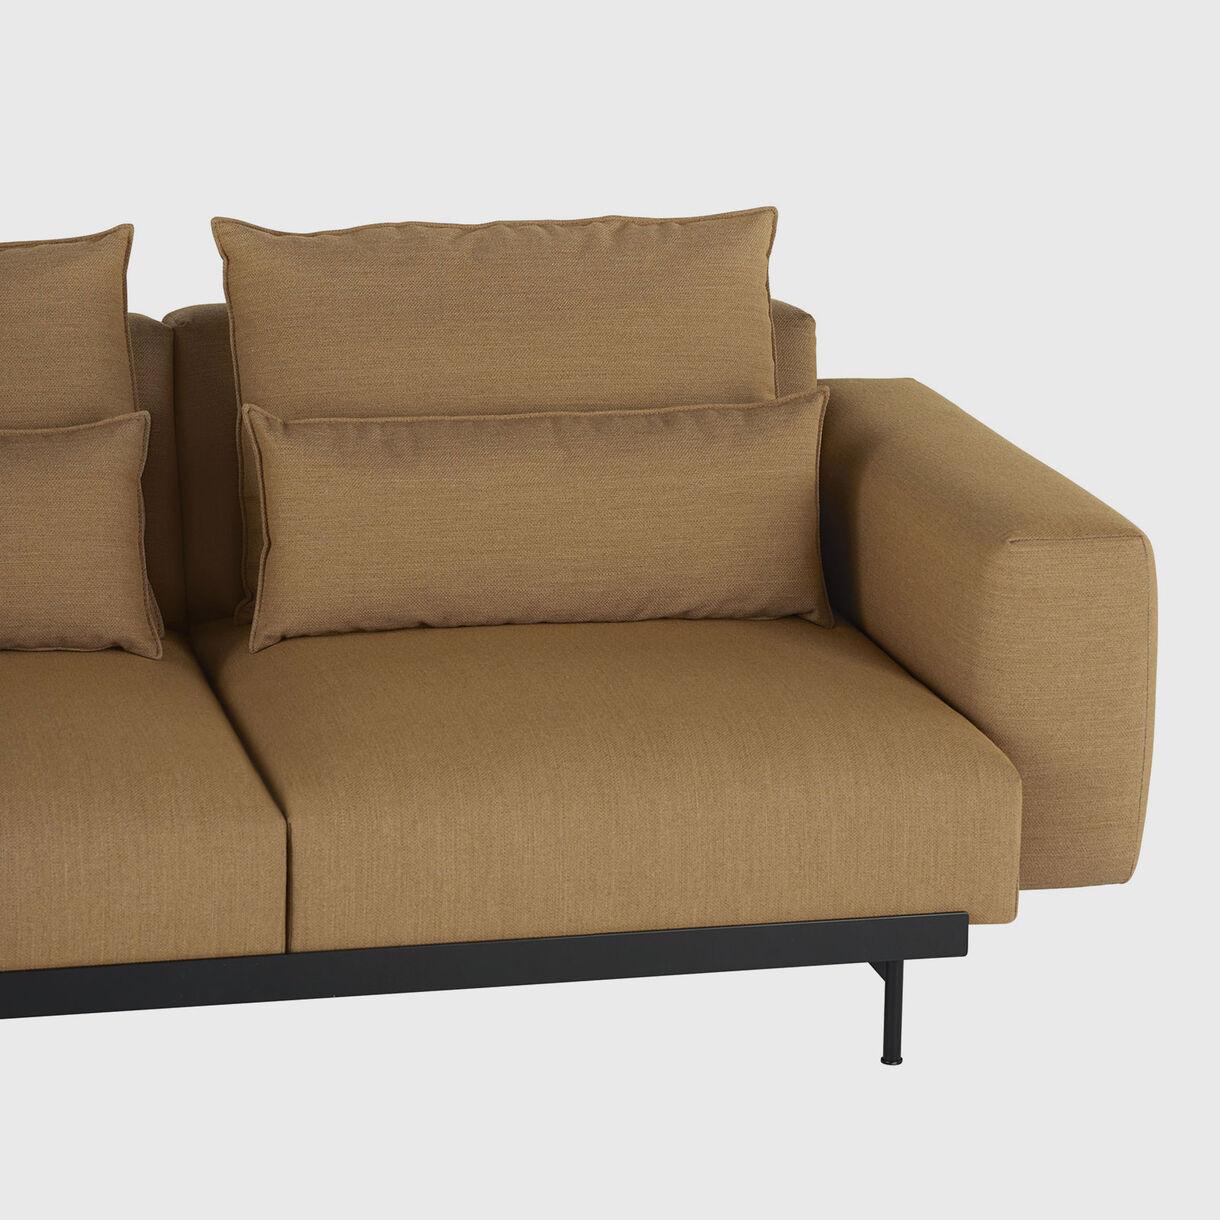 In Situ 2 Seater Sofa, Fiord 451